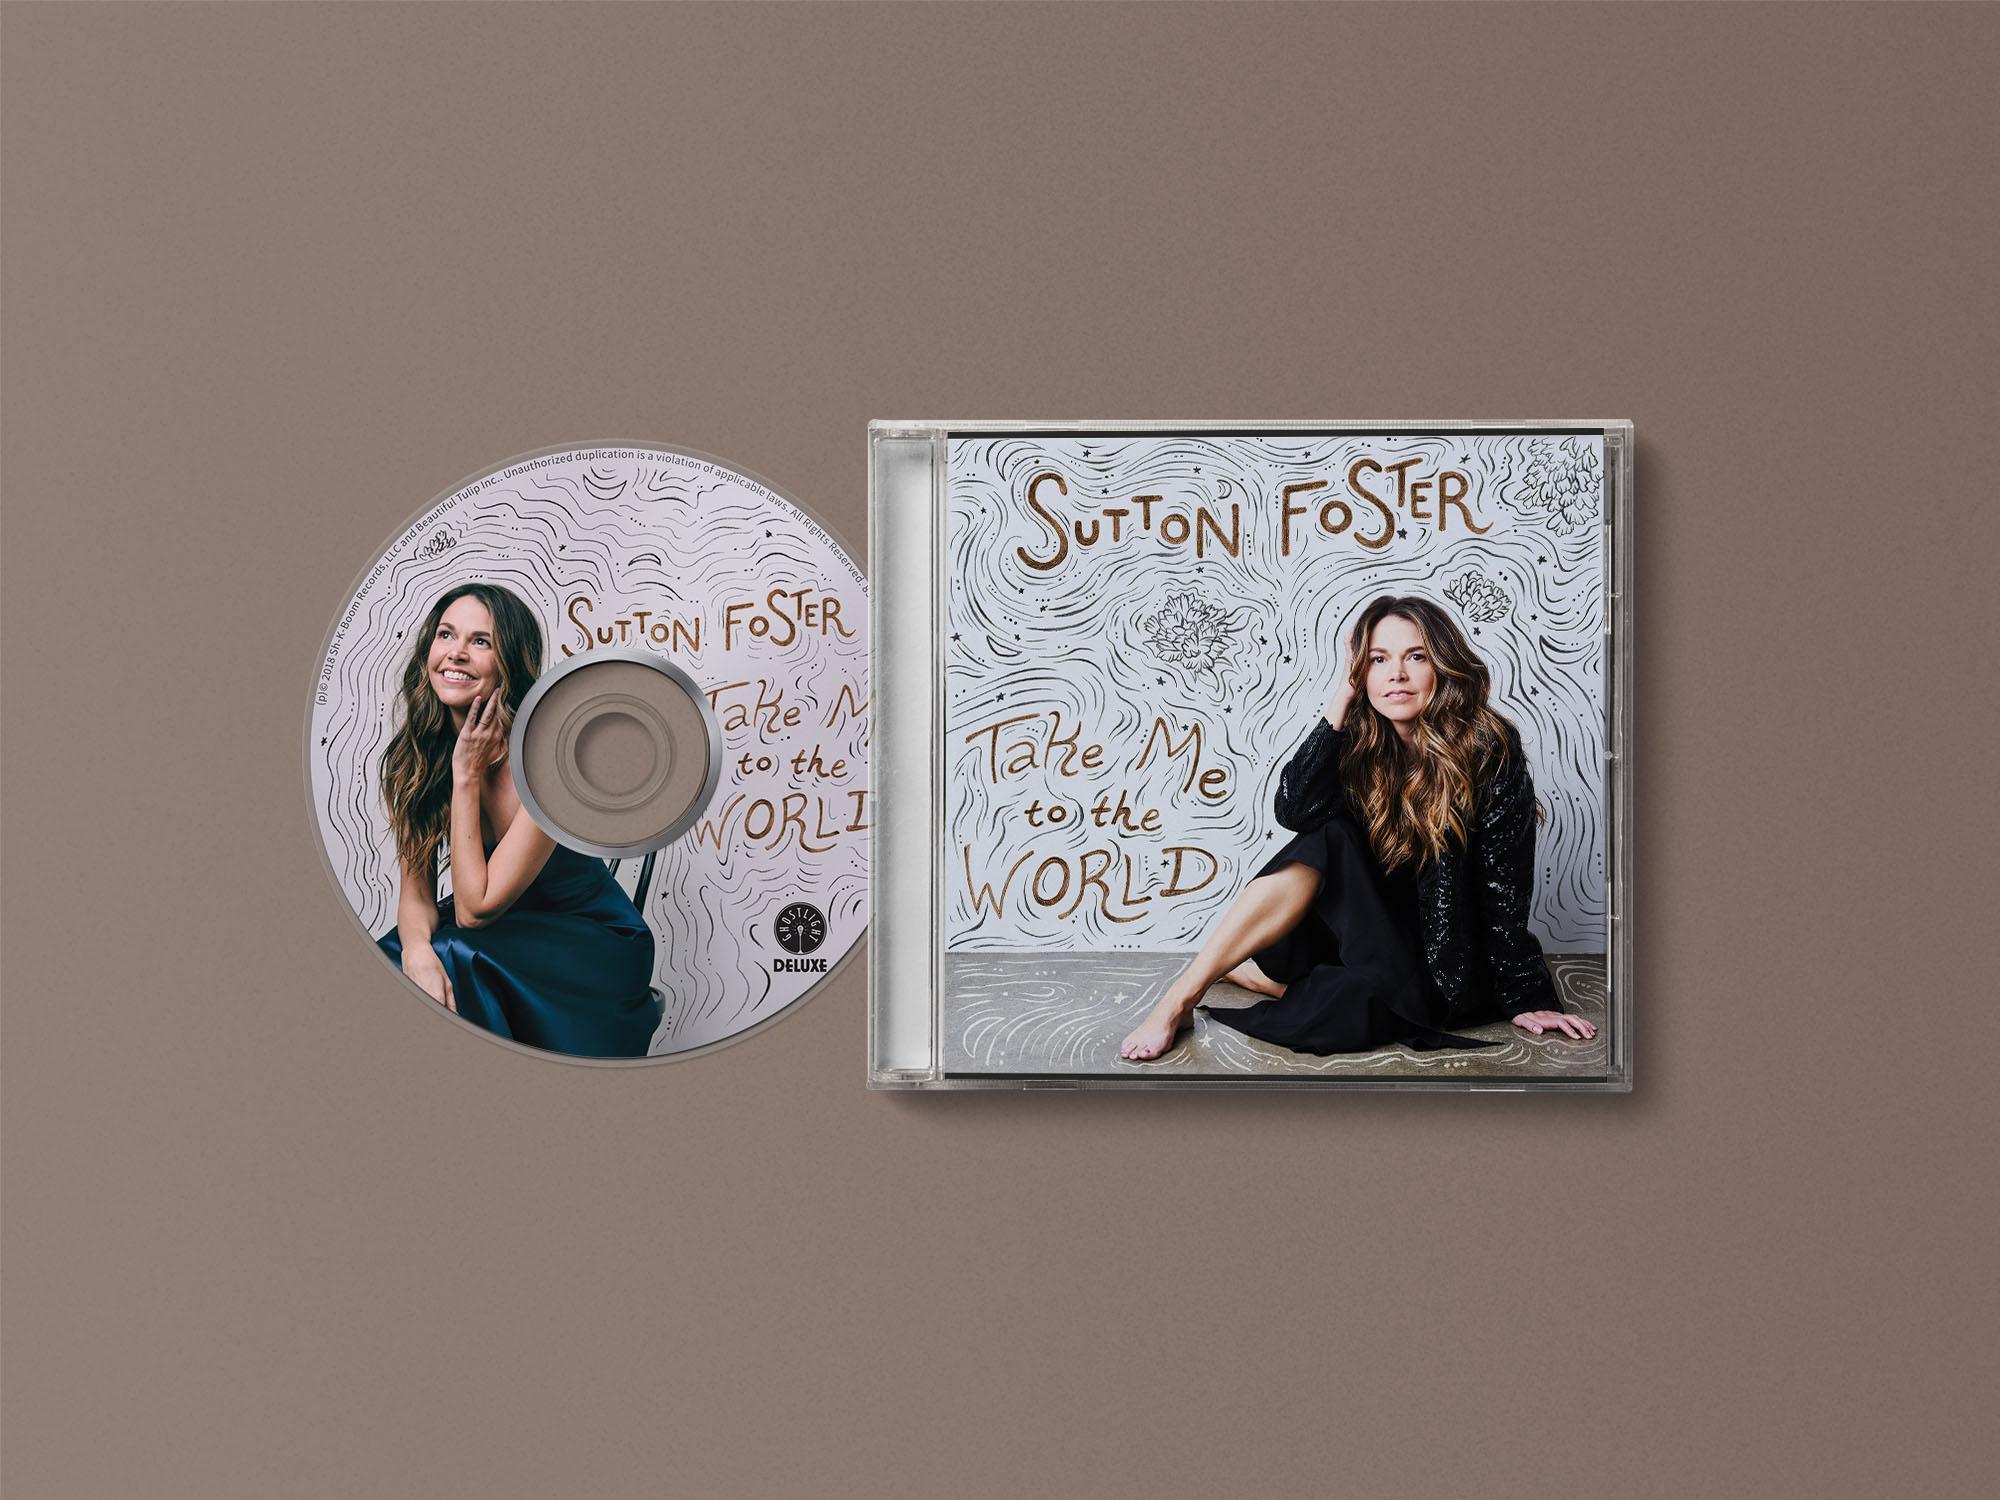 Sutton Foster Album Design